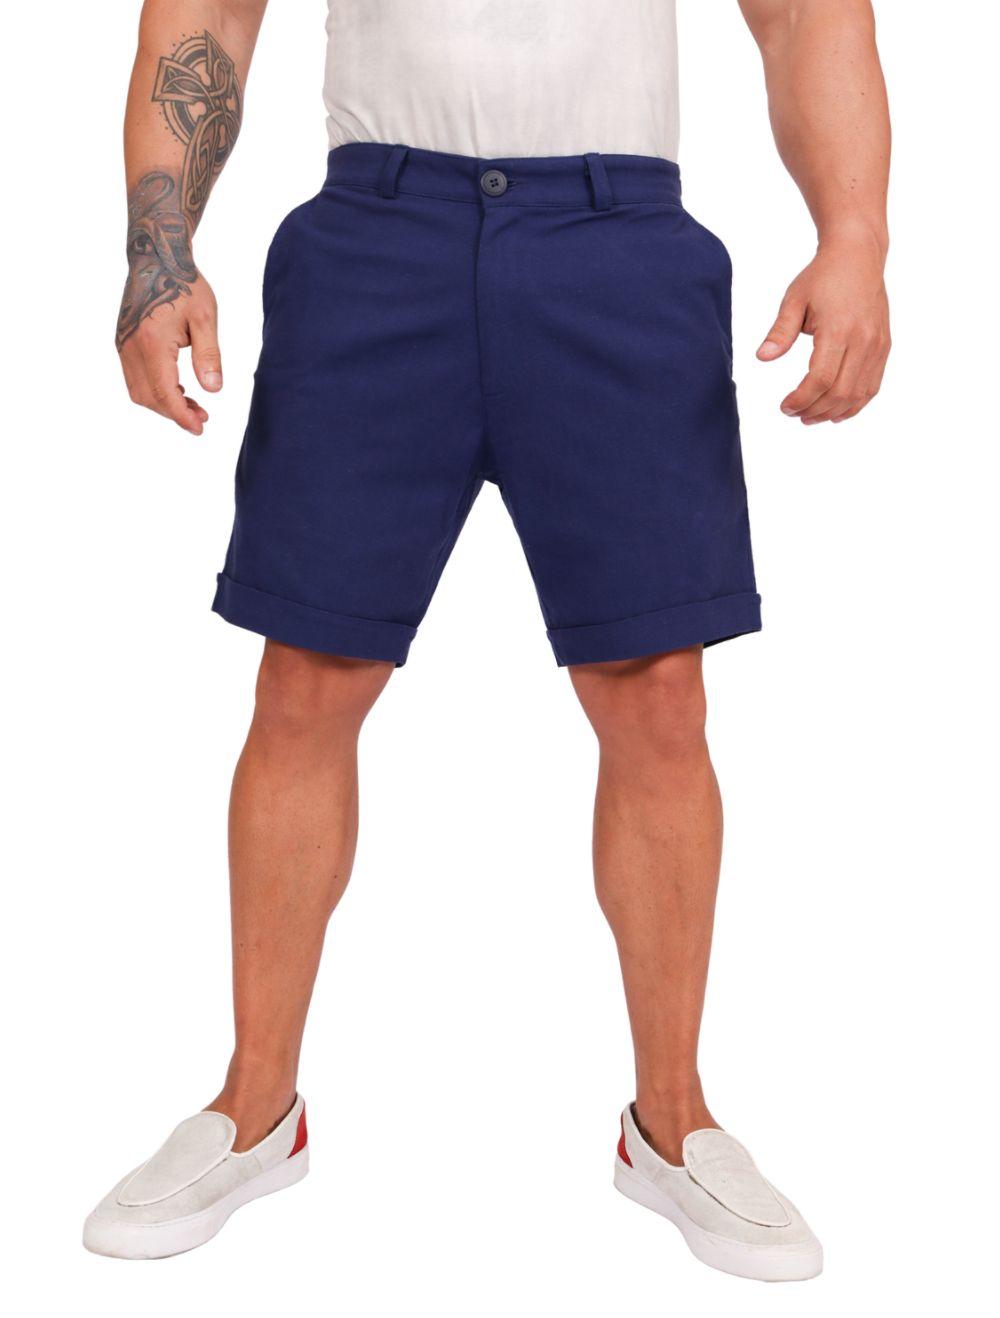 Bermuda Masculina em Linho Azul